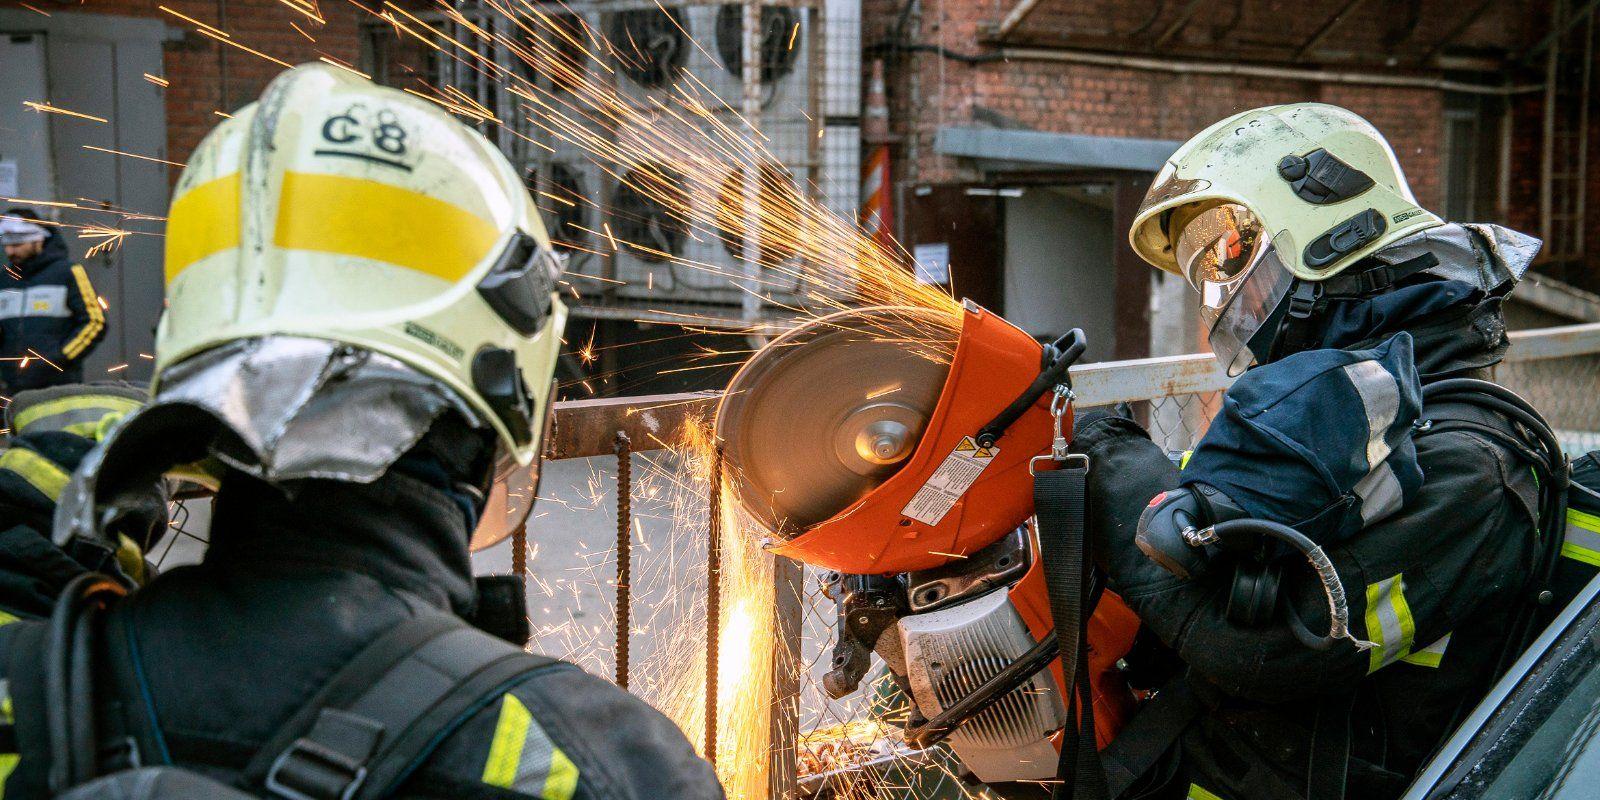 Пожарные и спасатели Москвы в феврале спасли 76 человек